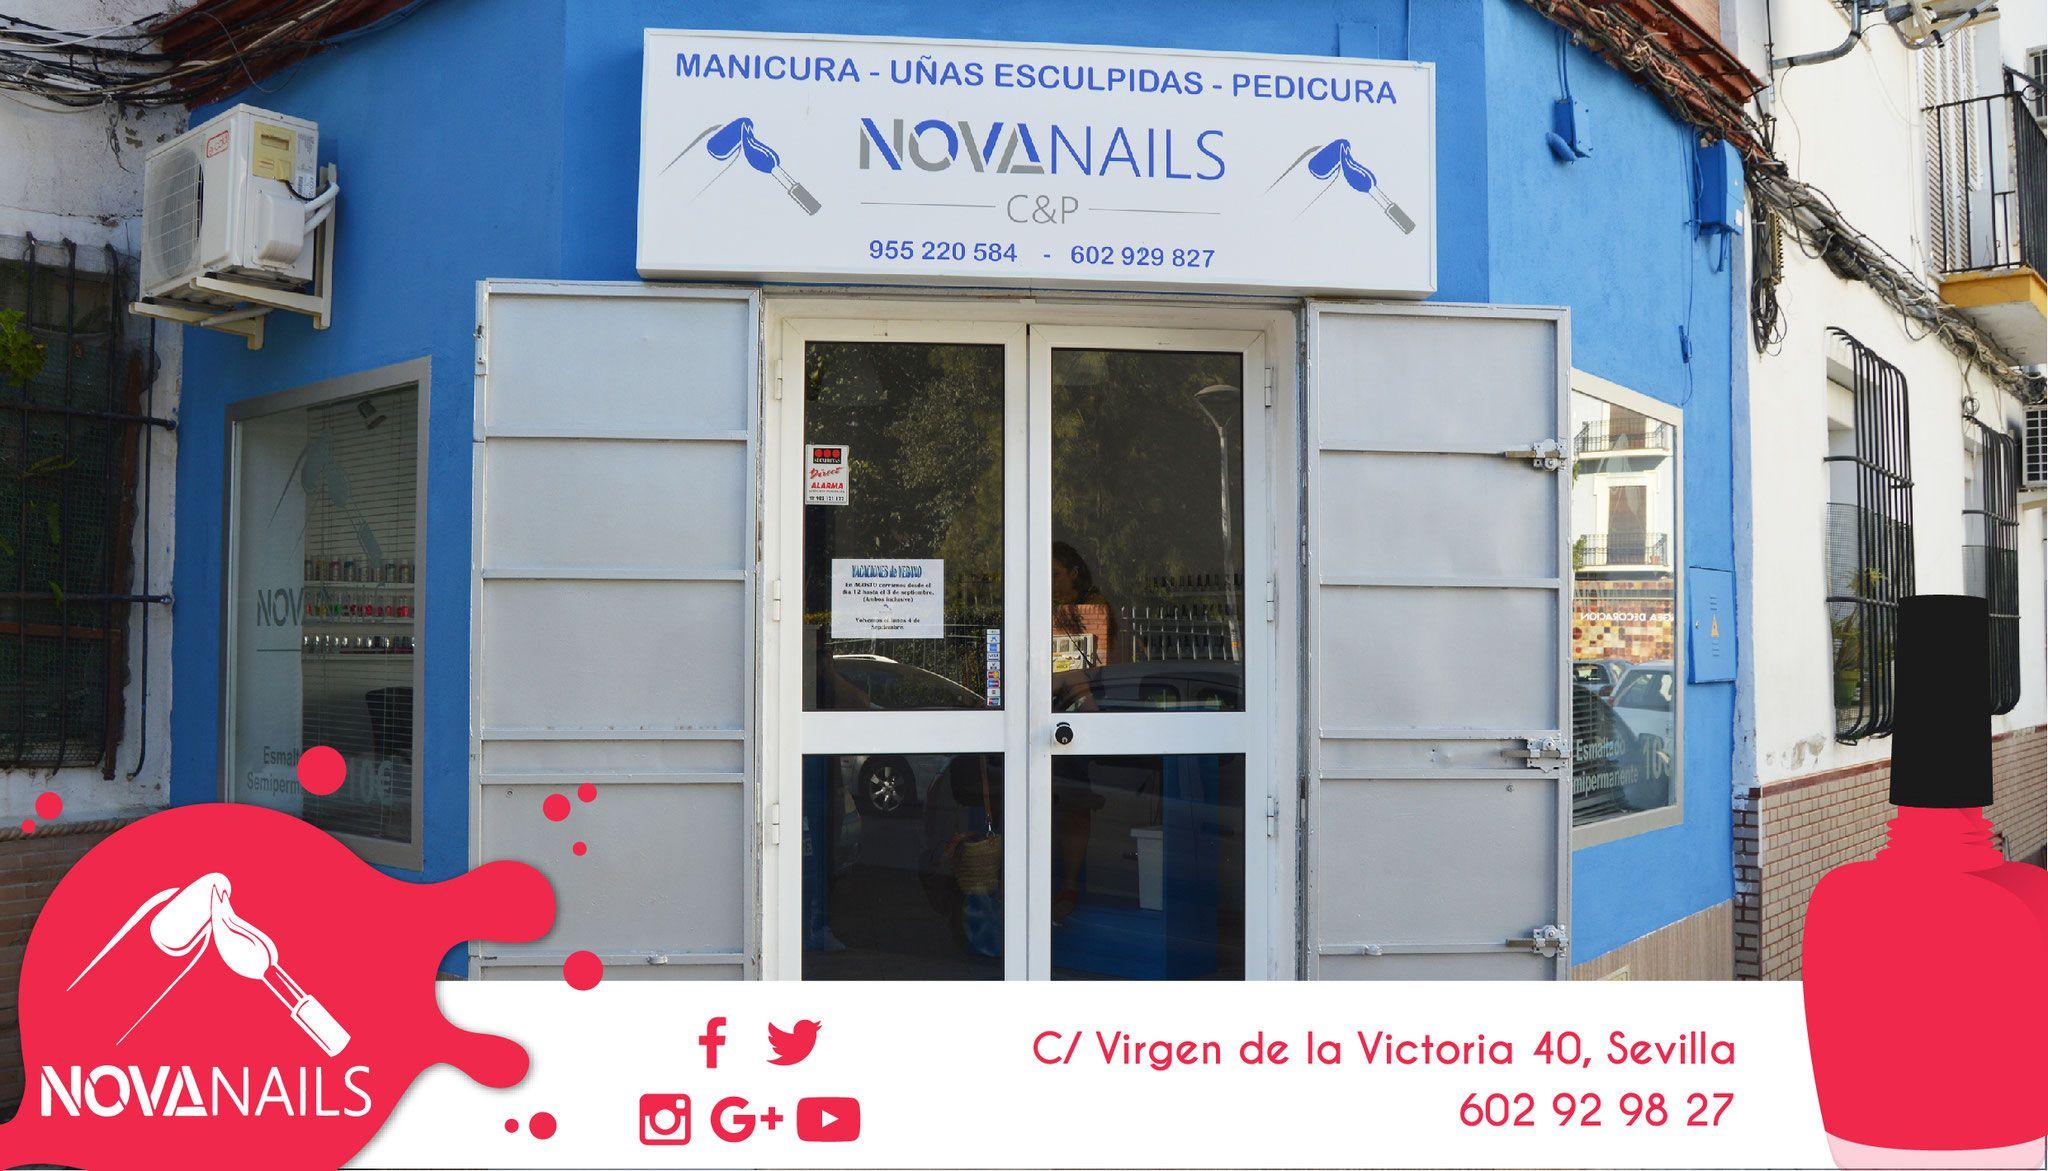 Virgen De La Victoria 40 41011 Sevilla Espana 955220584